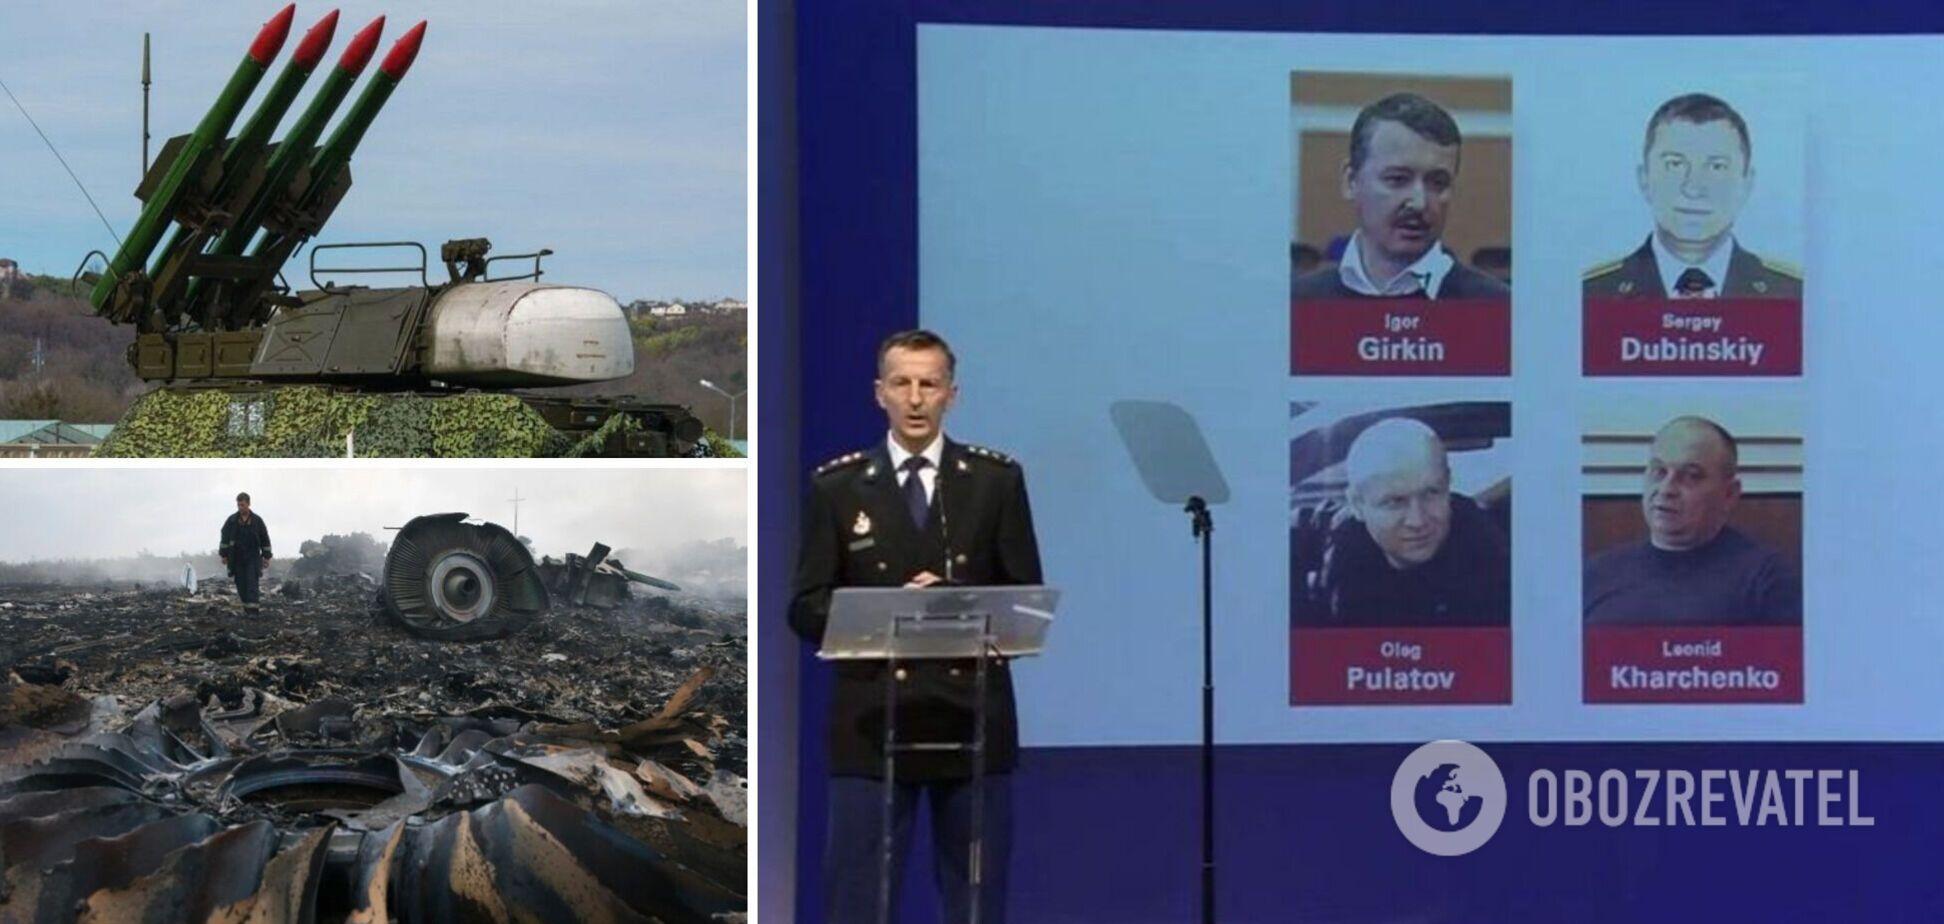 В Гааге озвучили новые записи разговоров Гиркина и главарей 'ДНР' о российском 'Буке'